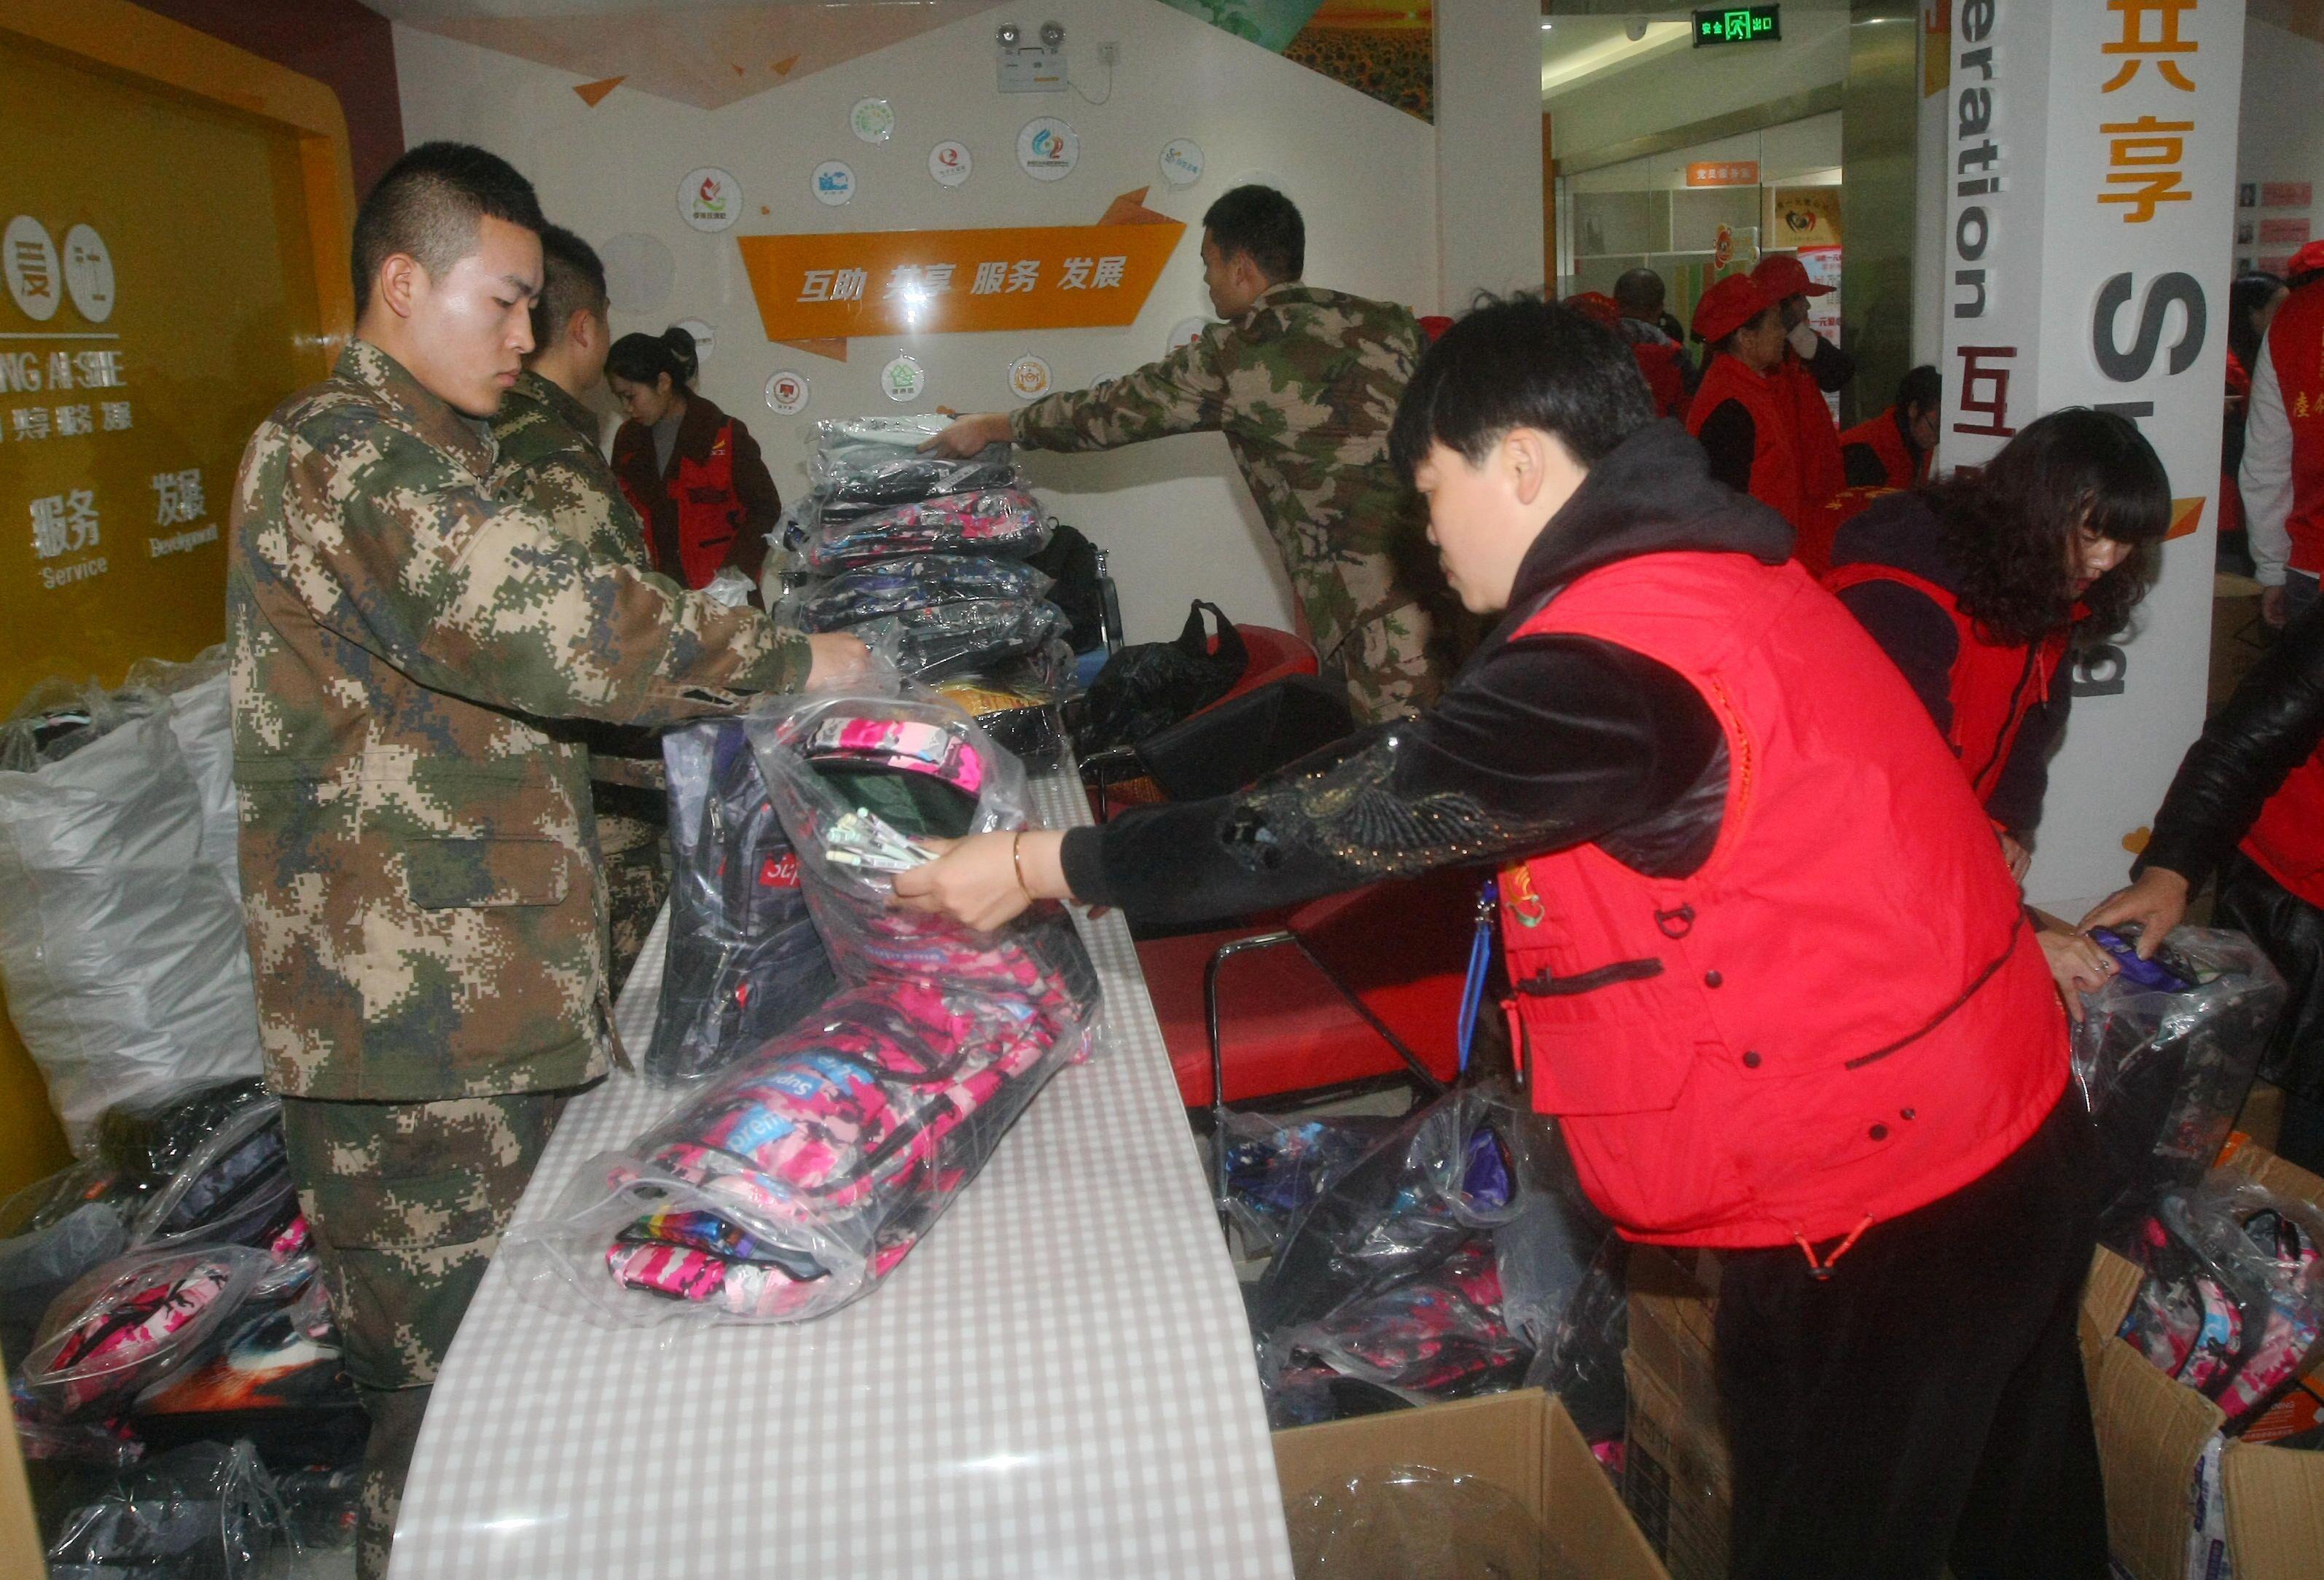 每年的12月5日为世界志愿者日。昨天,来自南通彩虹之心义工社、无偿献血志愿者服务队、睦邻拾年等多个志愿队伍的志愿者们齐聚港闸区弘爱志愿服务社,把募集善款所购买的文具进行整理分类,发往新疆喀什库尔勒地区的学校,帮助当地的孩子完成学习梦想。据了解,此次共发送486份学习用品,每份包括书包、笔袋、水彩笔等文具。